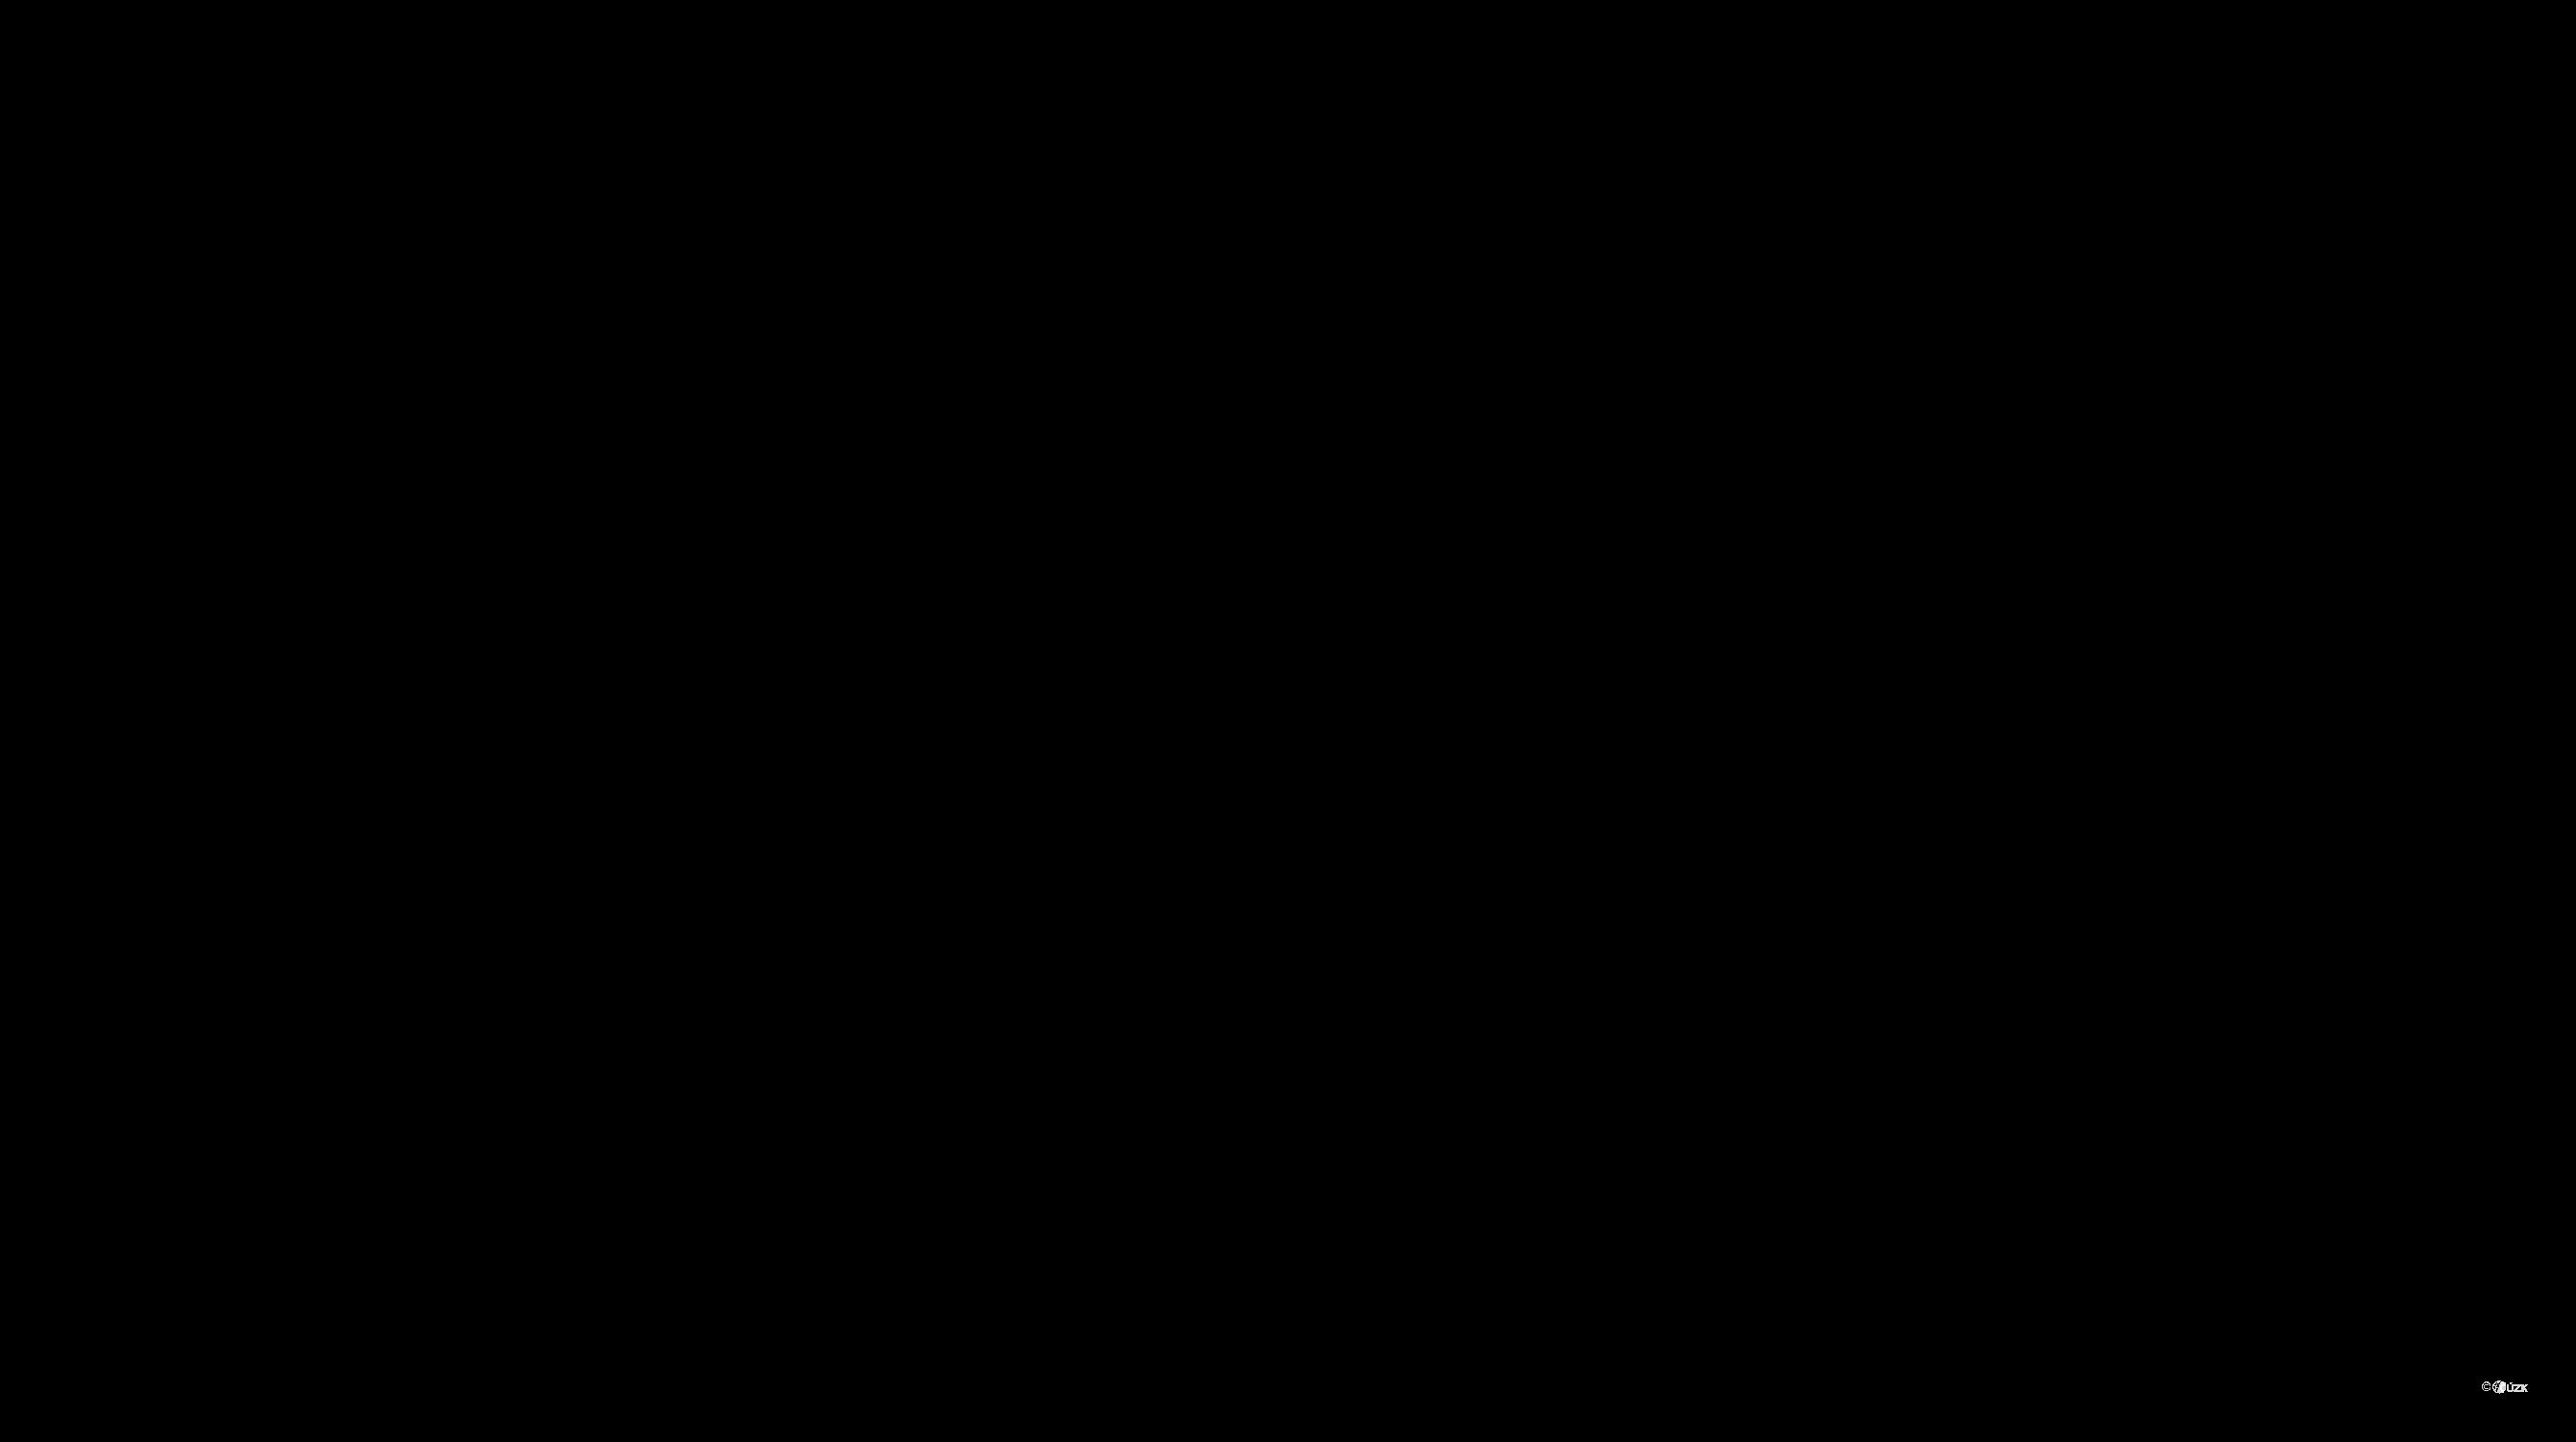 Katastrální mapa pozemků a čísla parcel Olšová Vrata